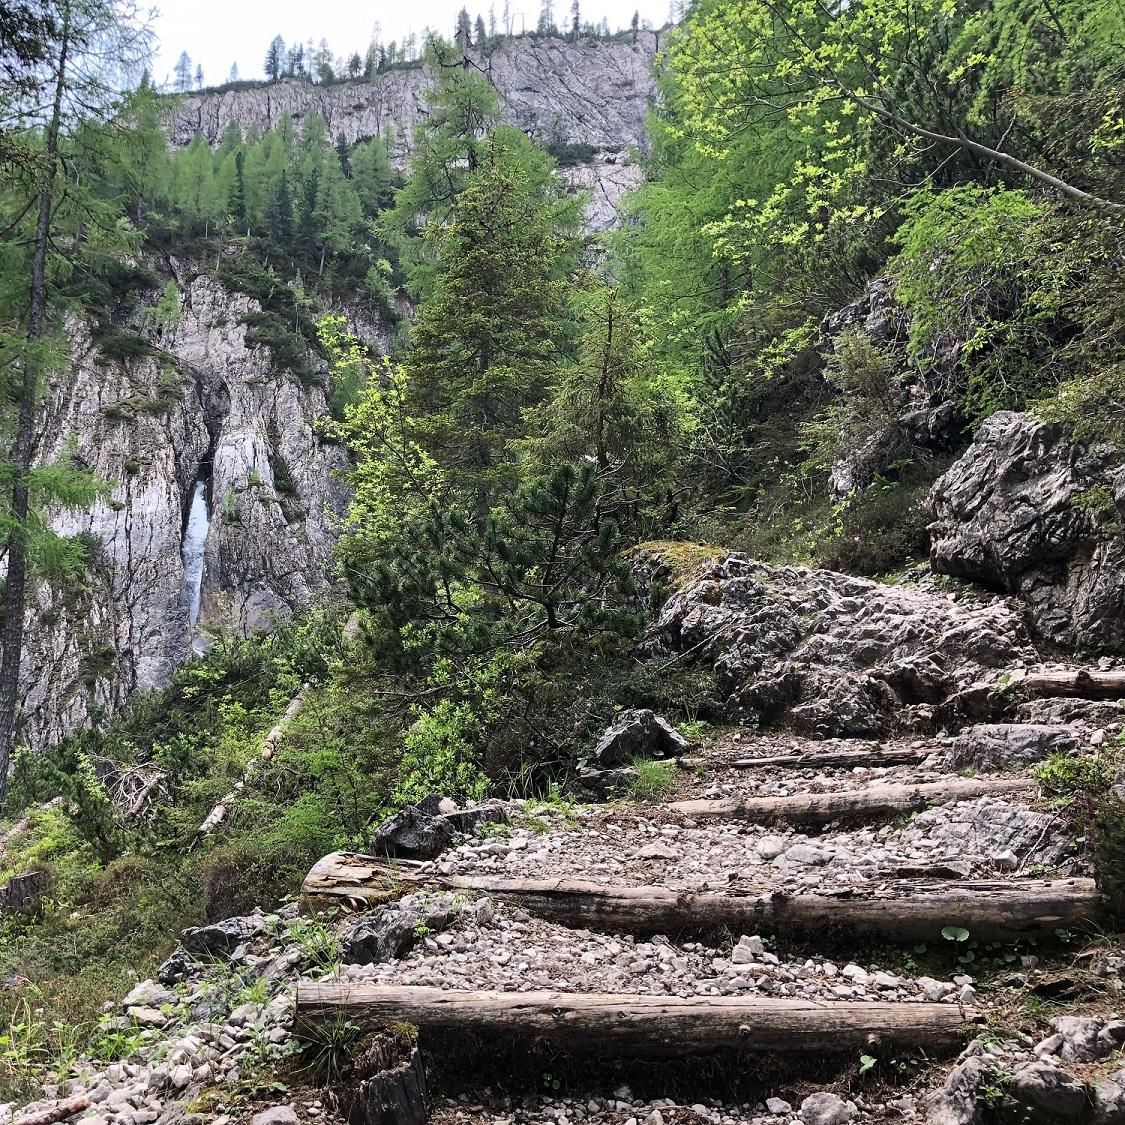 Am Weg eröffnen sich immer wieder überraschende Perspektiven auf die schroffen Dolomiten.